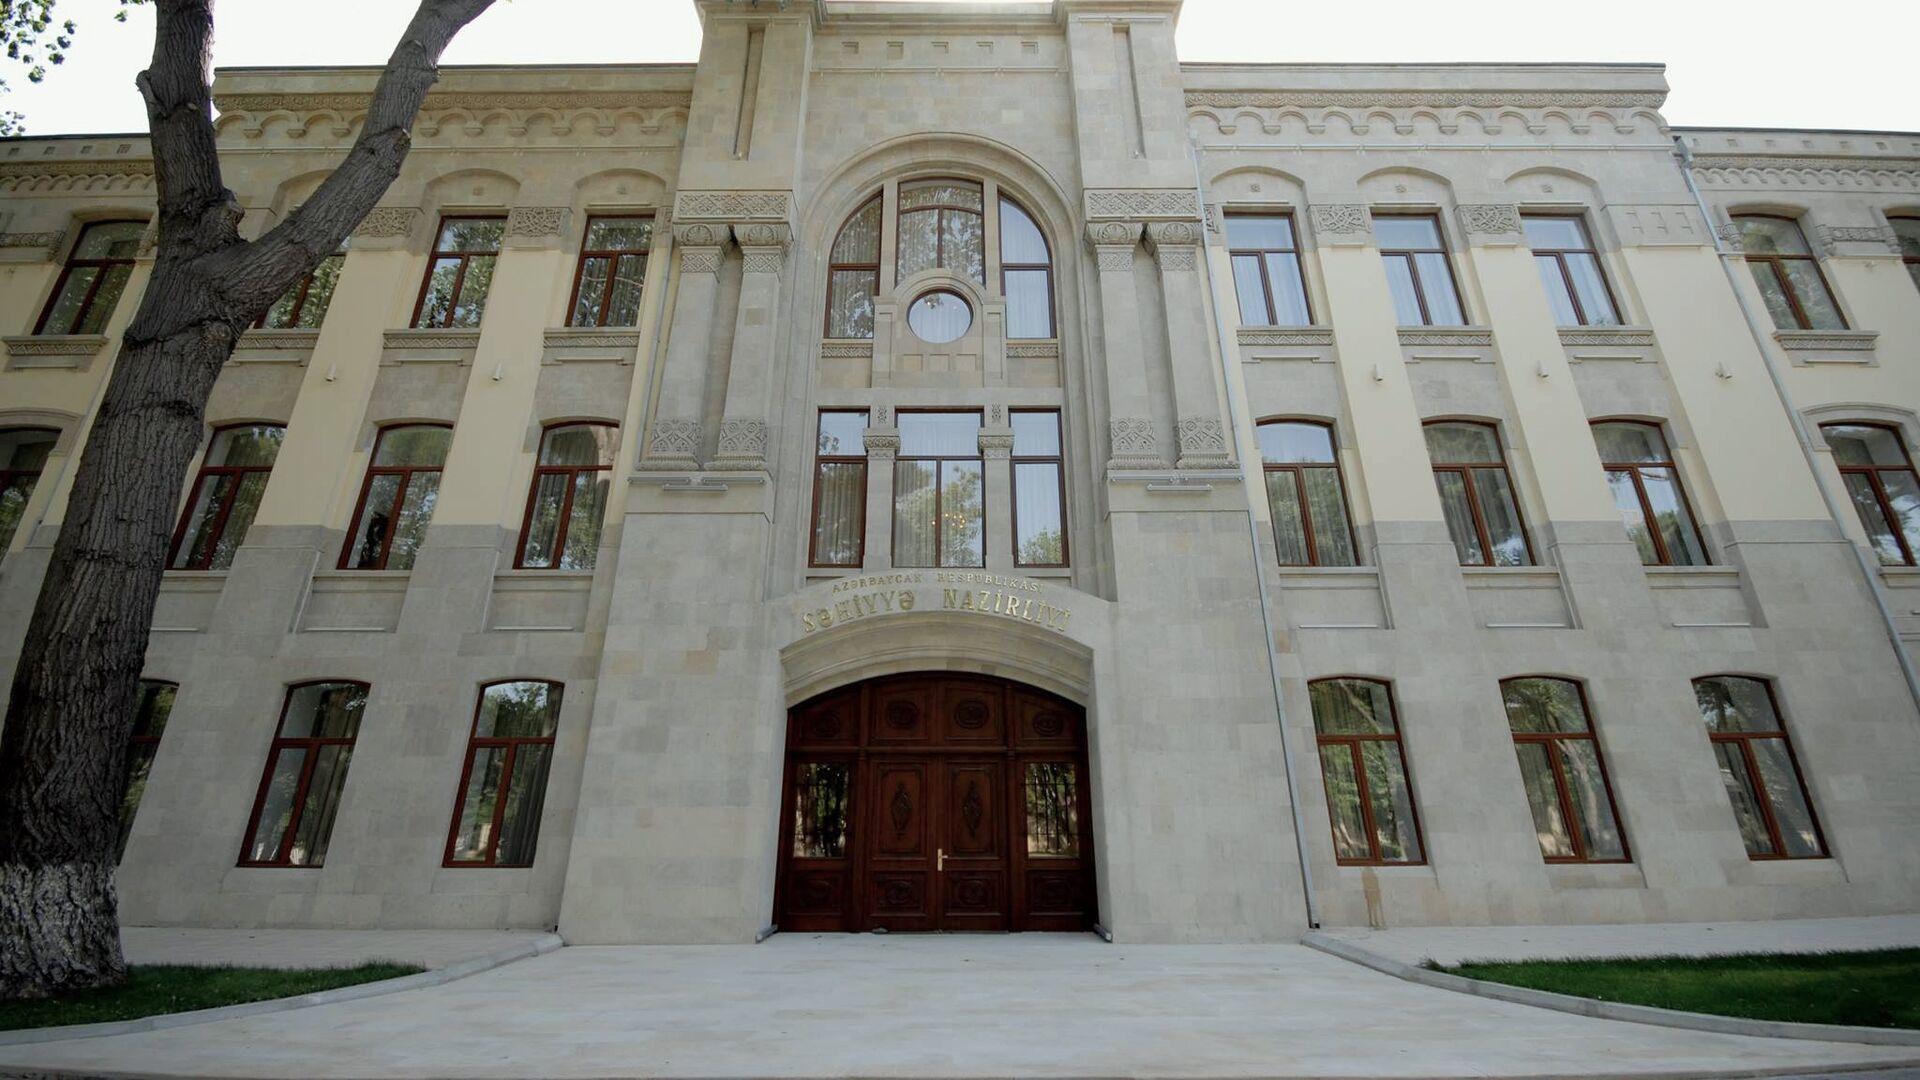 Səhiyyə Nazirliyinin binası, arxiv şəkli - Sputnik Azərbaycan, 1920, 04.10.2021